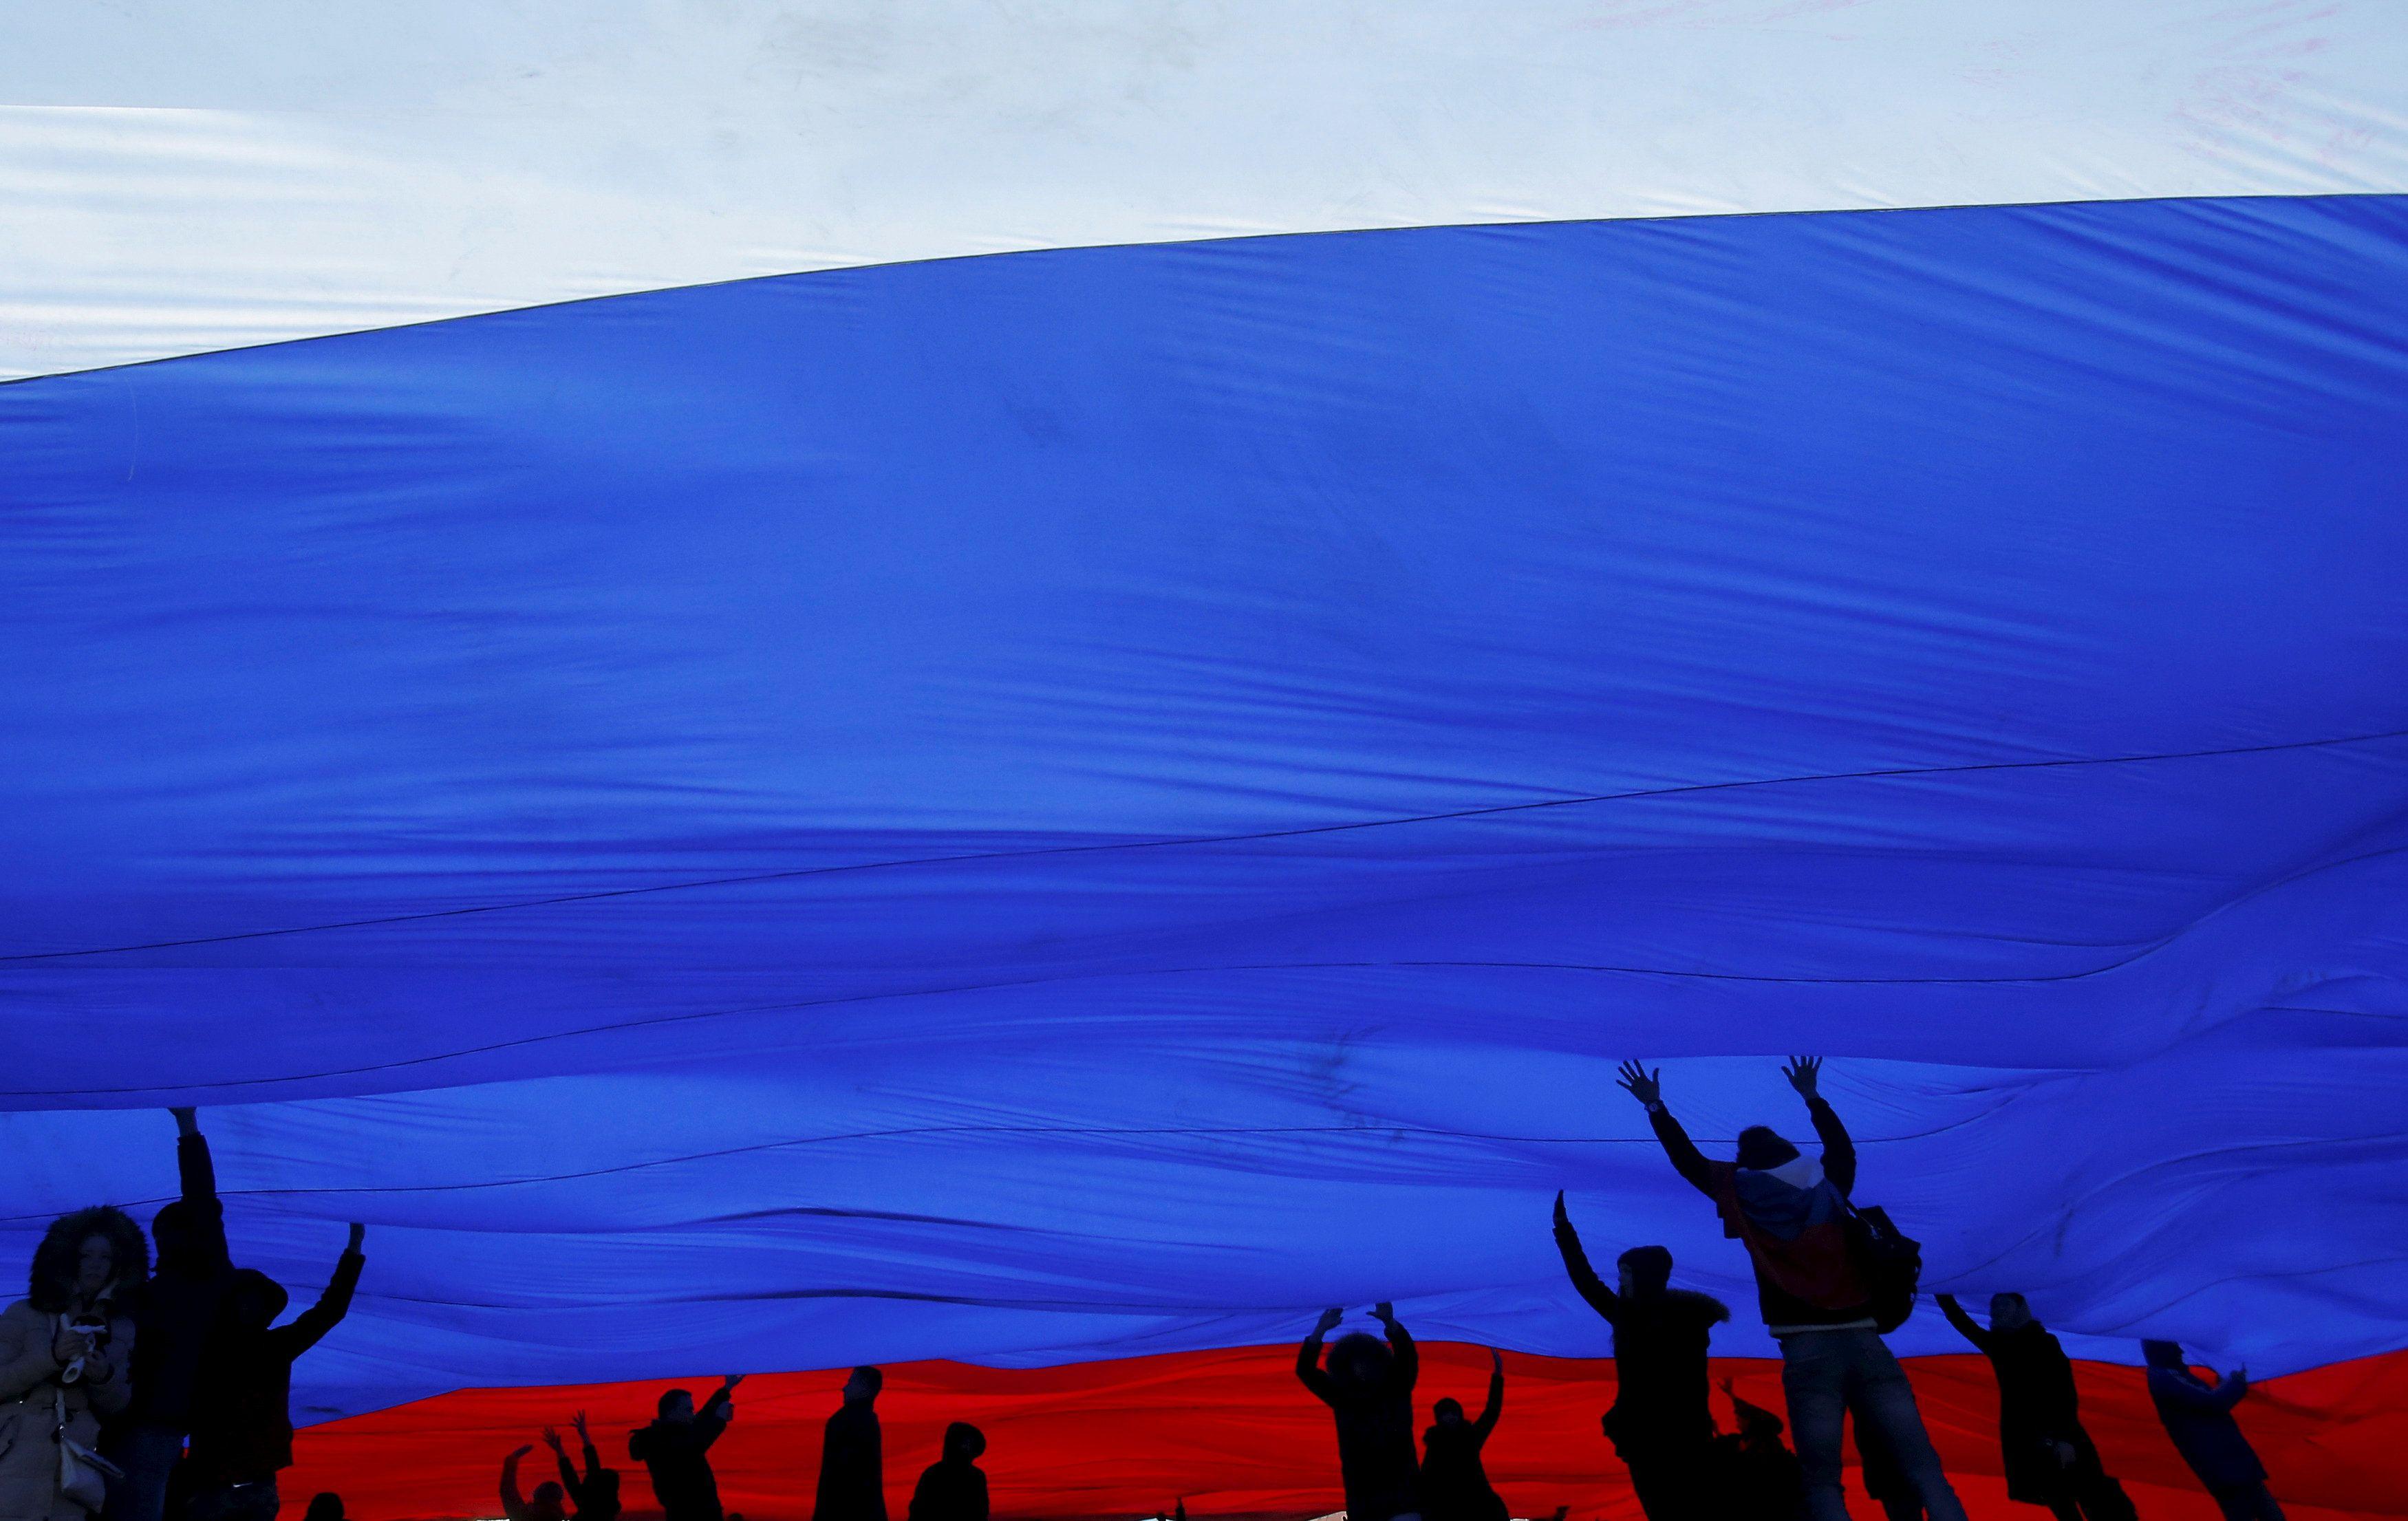 У РФ нужно было отобрать право на проведение ЧМ-2018 по футболу после нападения на Крым, полагает журналист